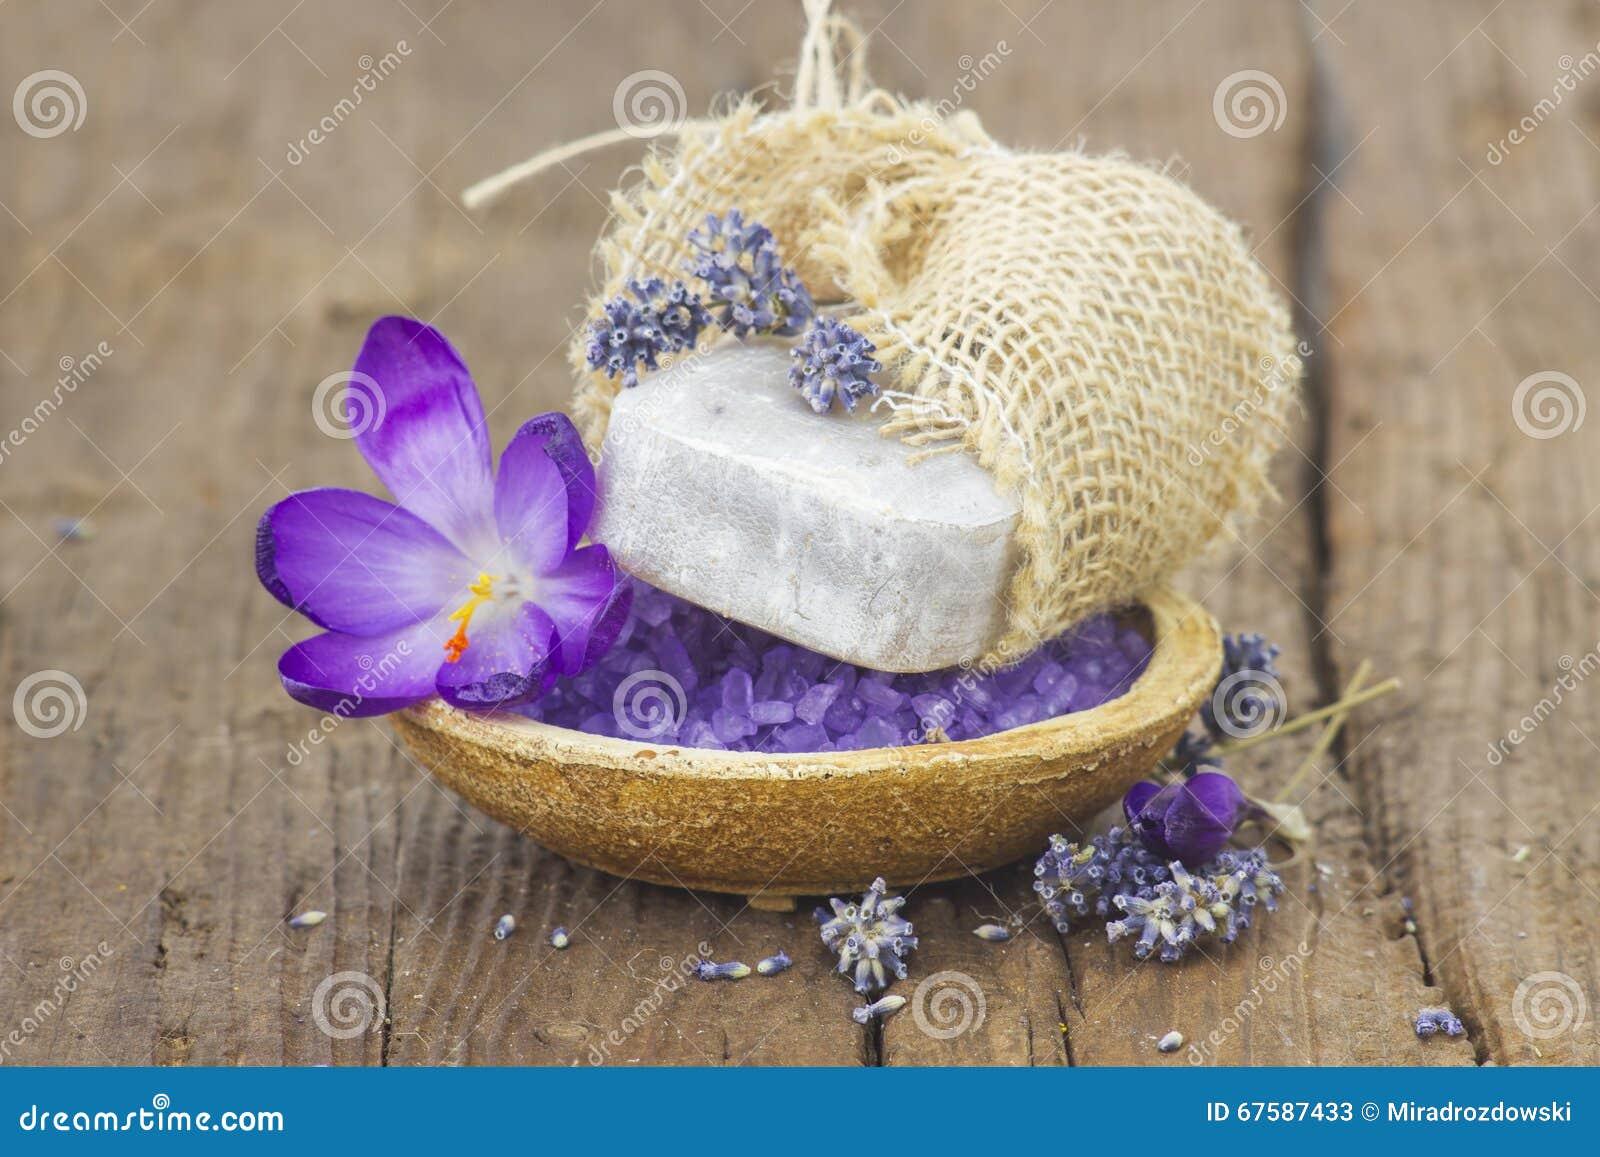 Бар естественного мыла, соли для принятия ванны, высушил лаванду и крокус